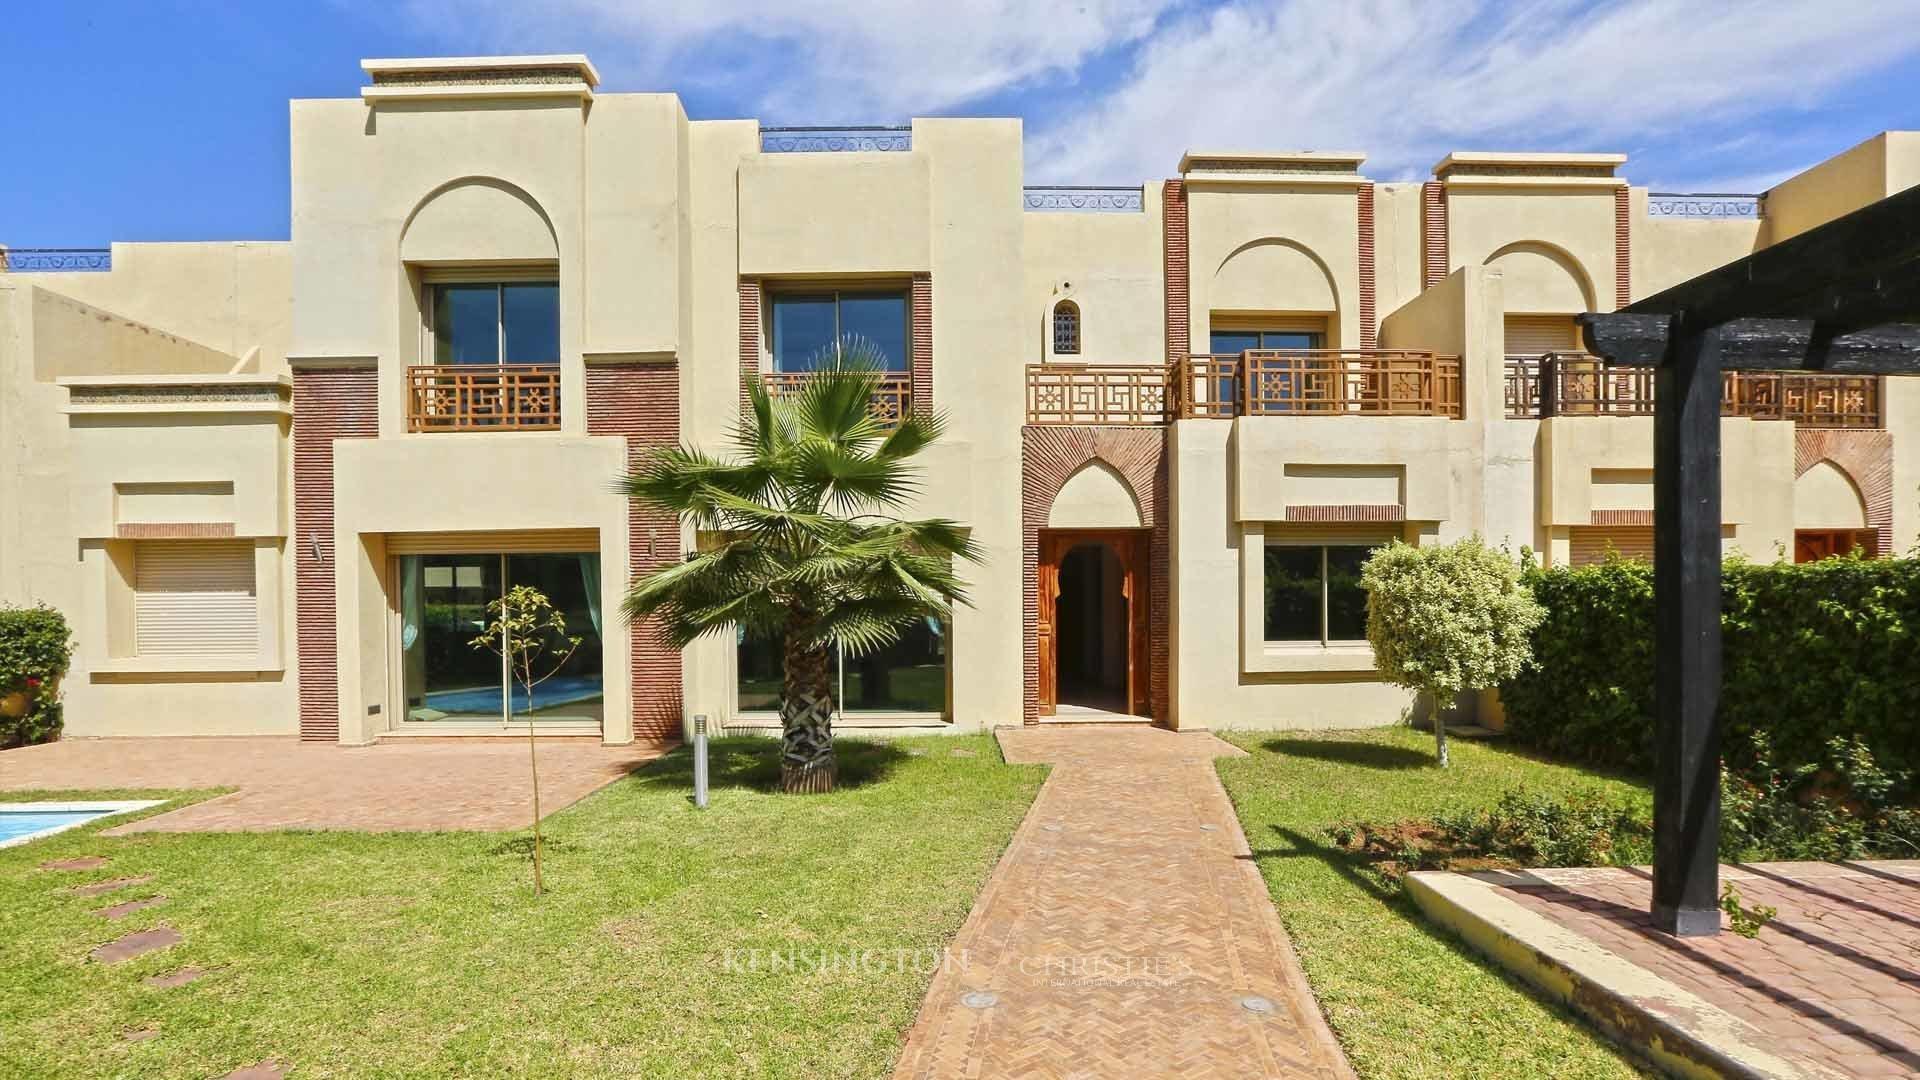 KPPM01285: Villa  Dalia Luxury Villa Marrakech Morocco